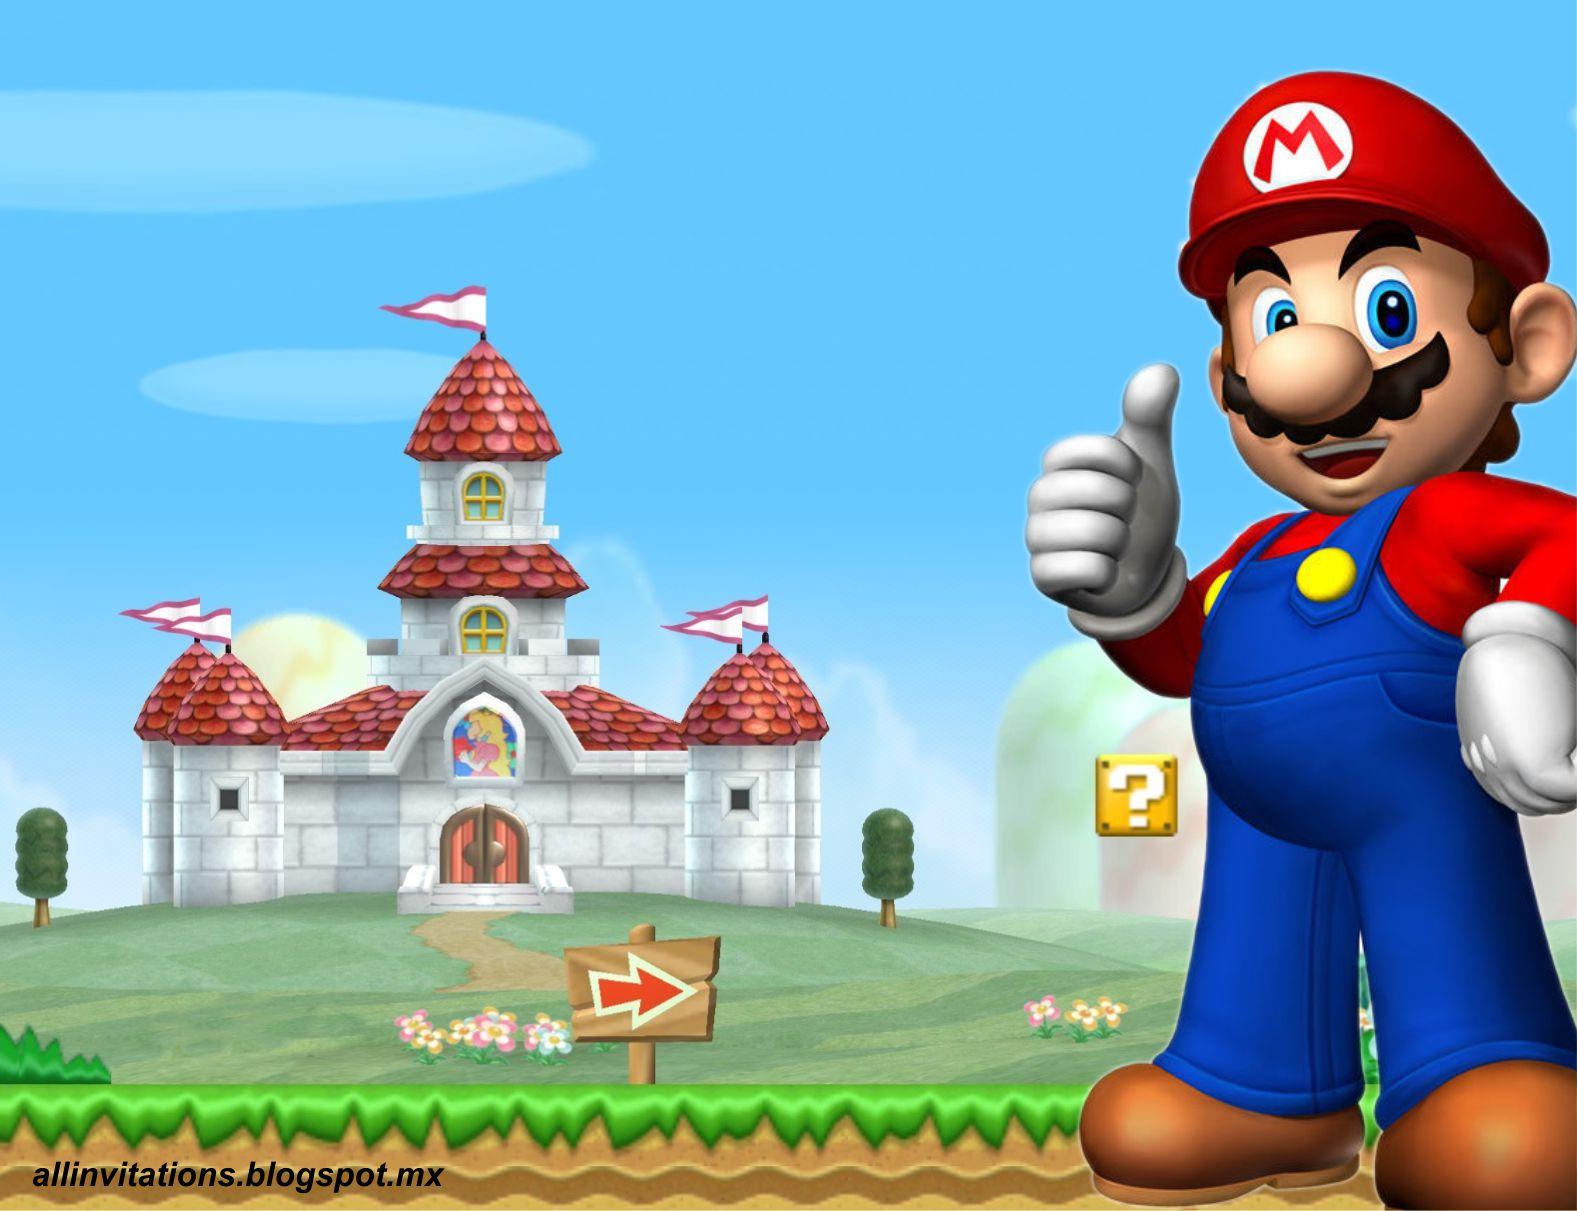 Invitación de Cumpleaños de Mario Bross   All Invitations